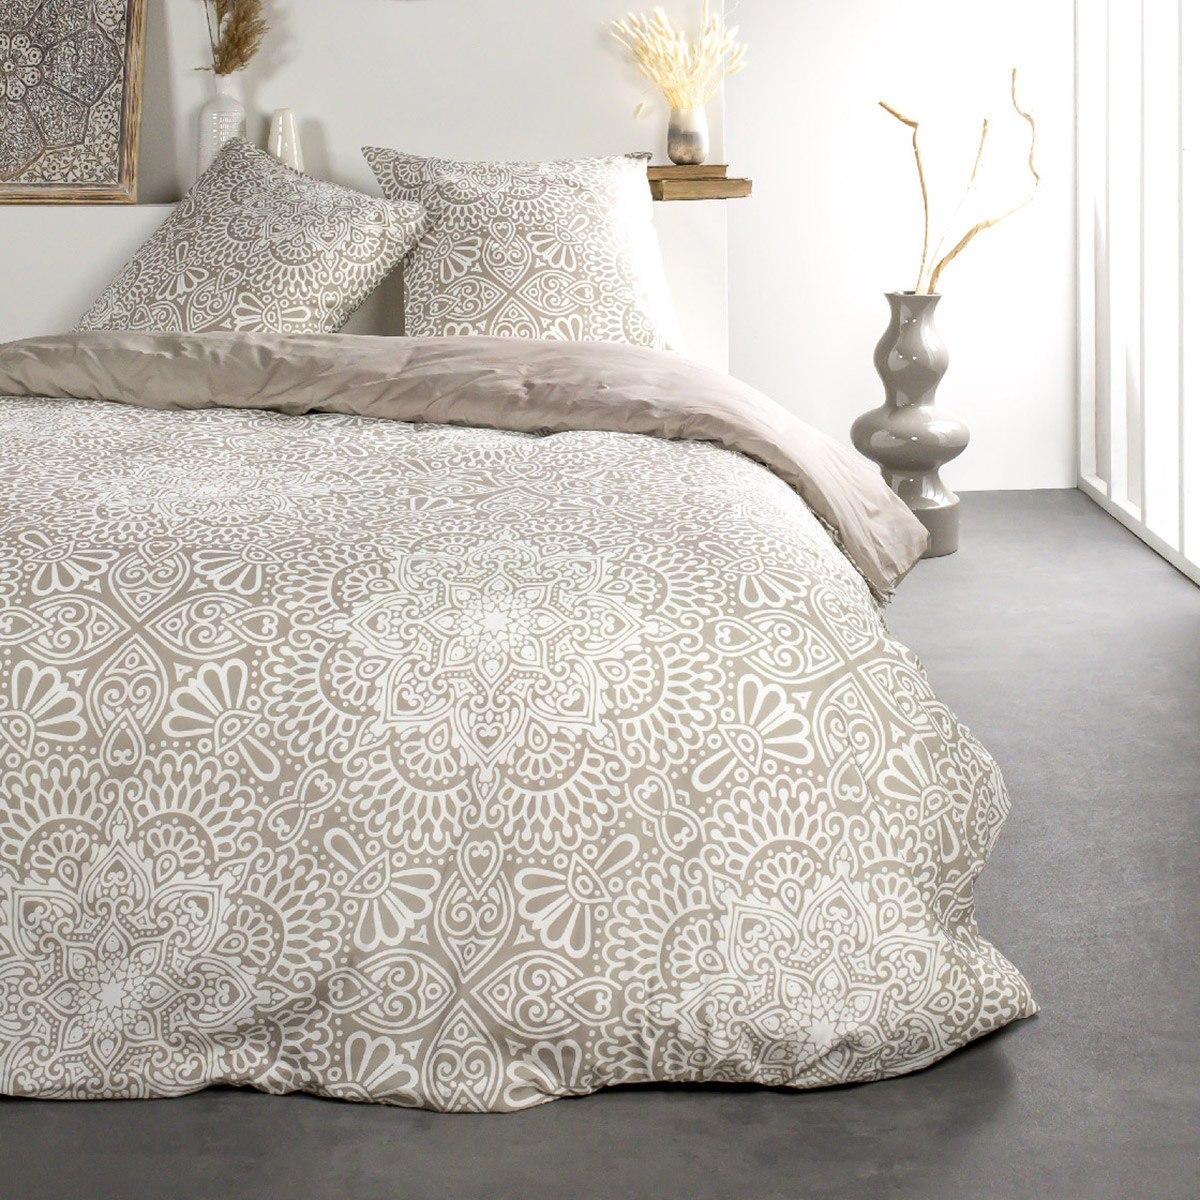 Parure de lit 2 personnes imprimé floral en Coton Beige 220x240 cm